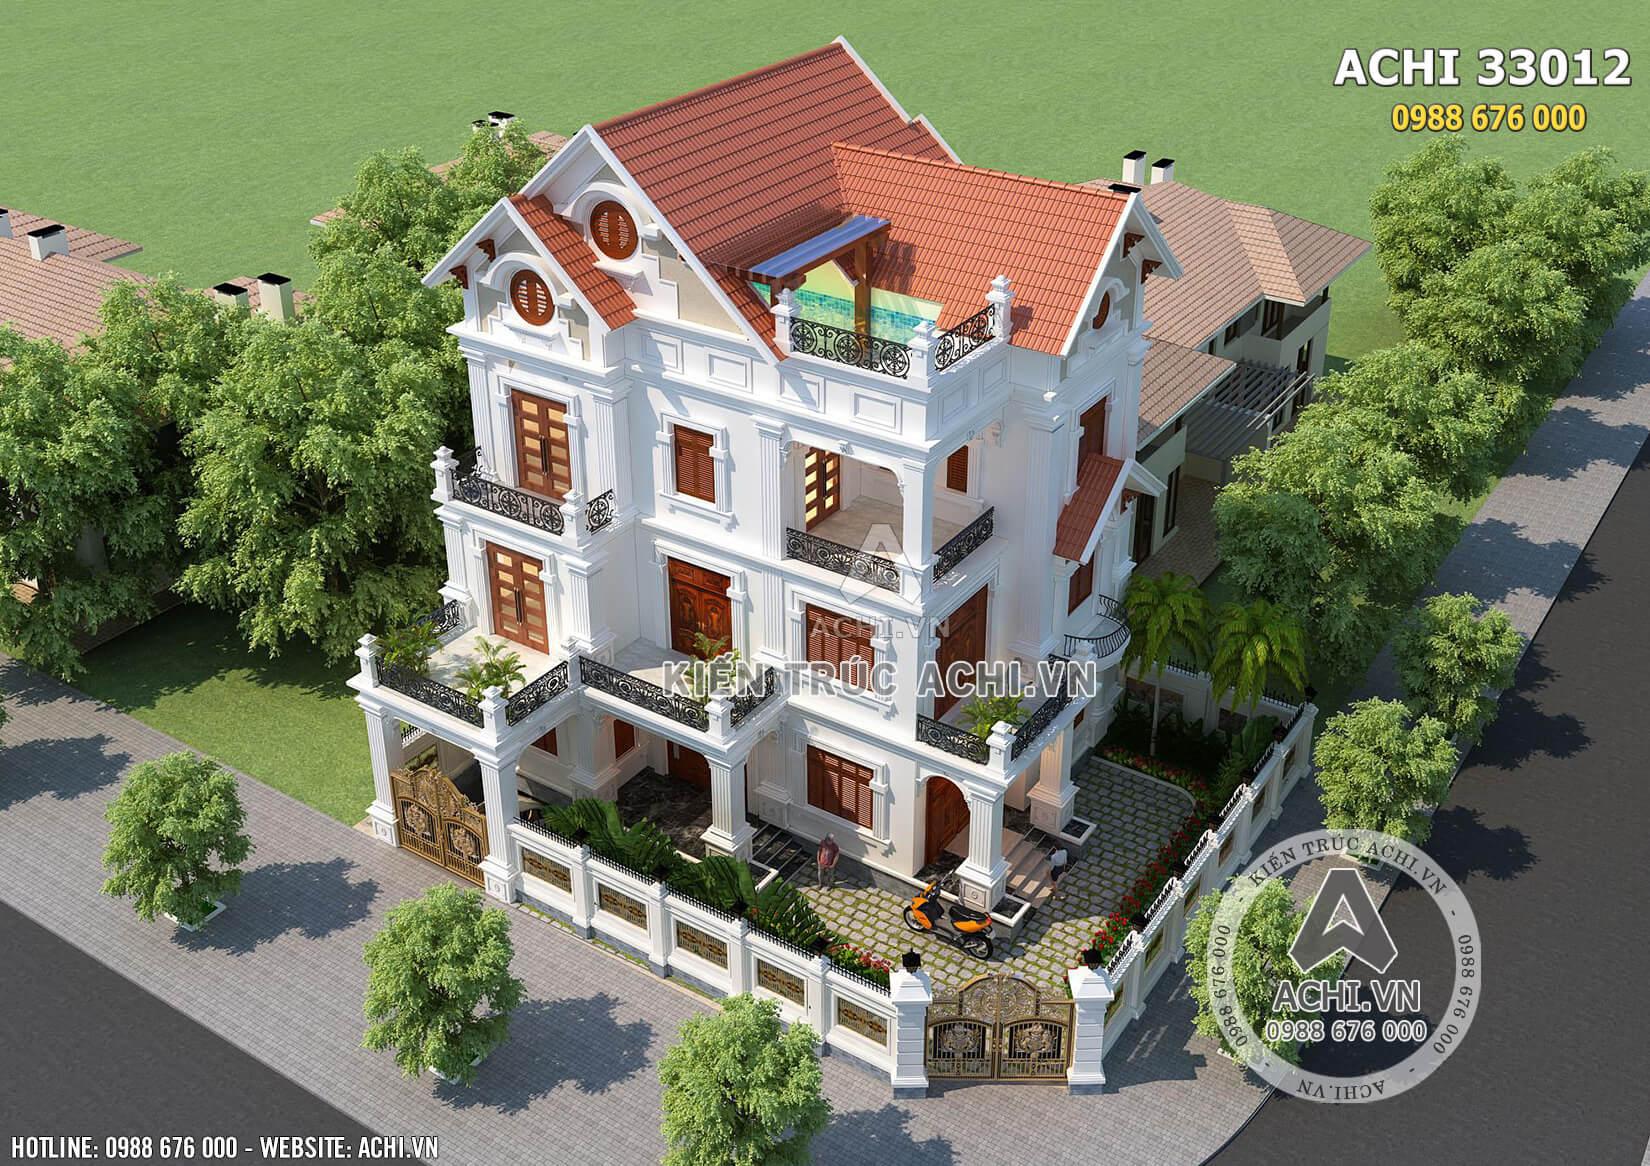 Tổng quan không gian ngoại thất của mẫu biệt thự 3 tầng mái Thái khi nhìn từ trên cao xuống